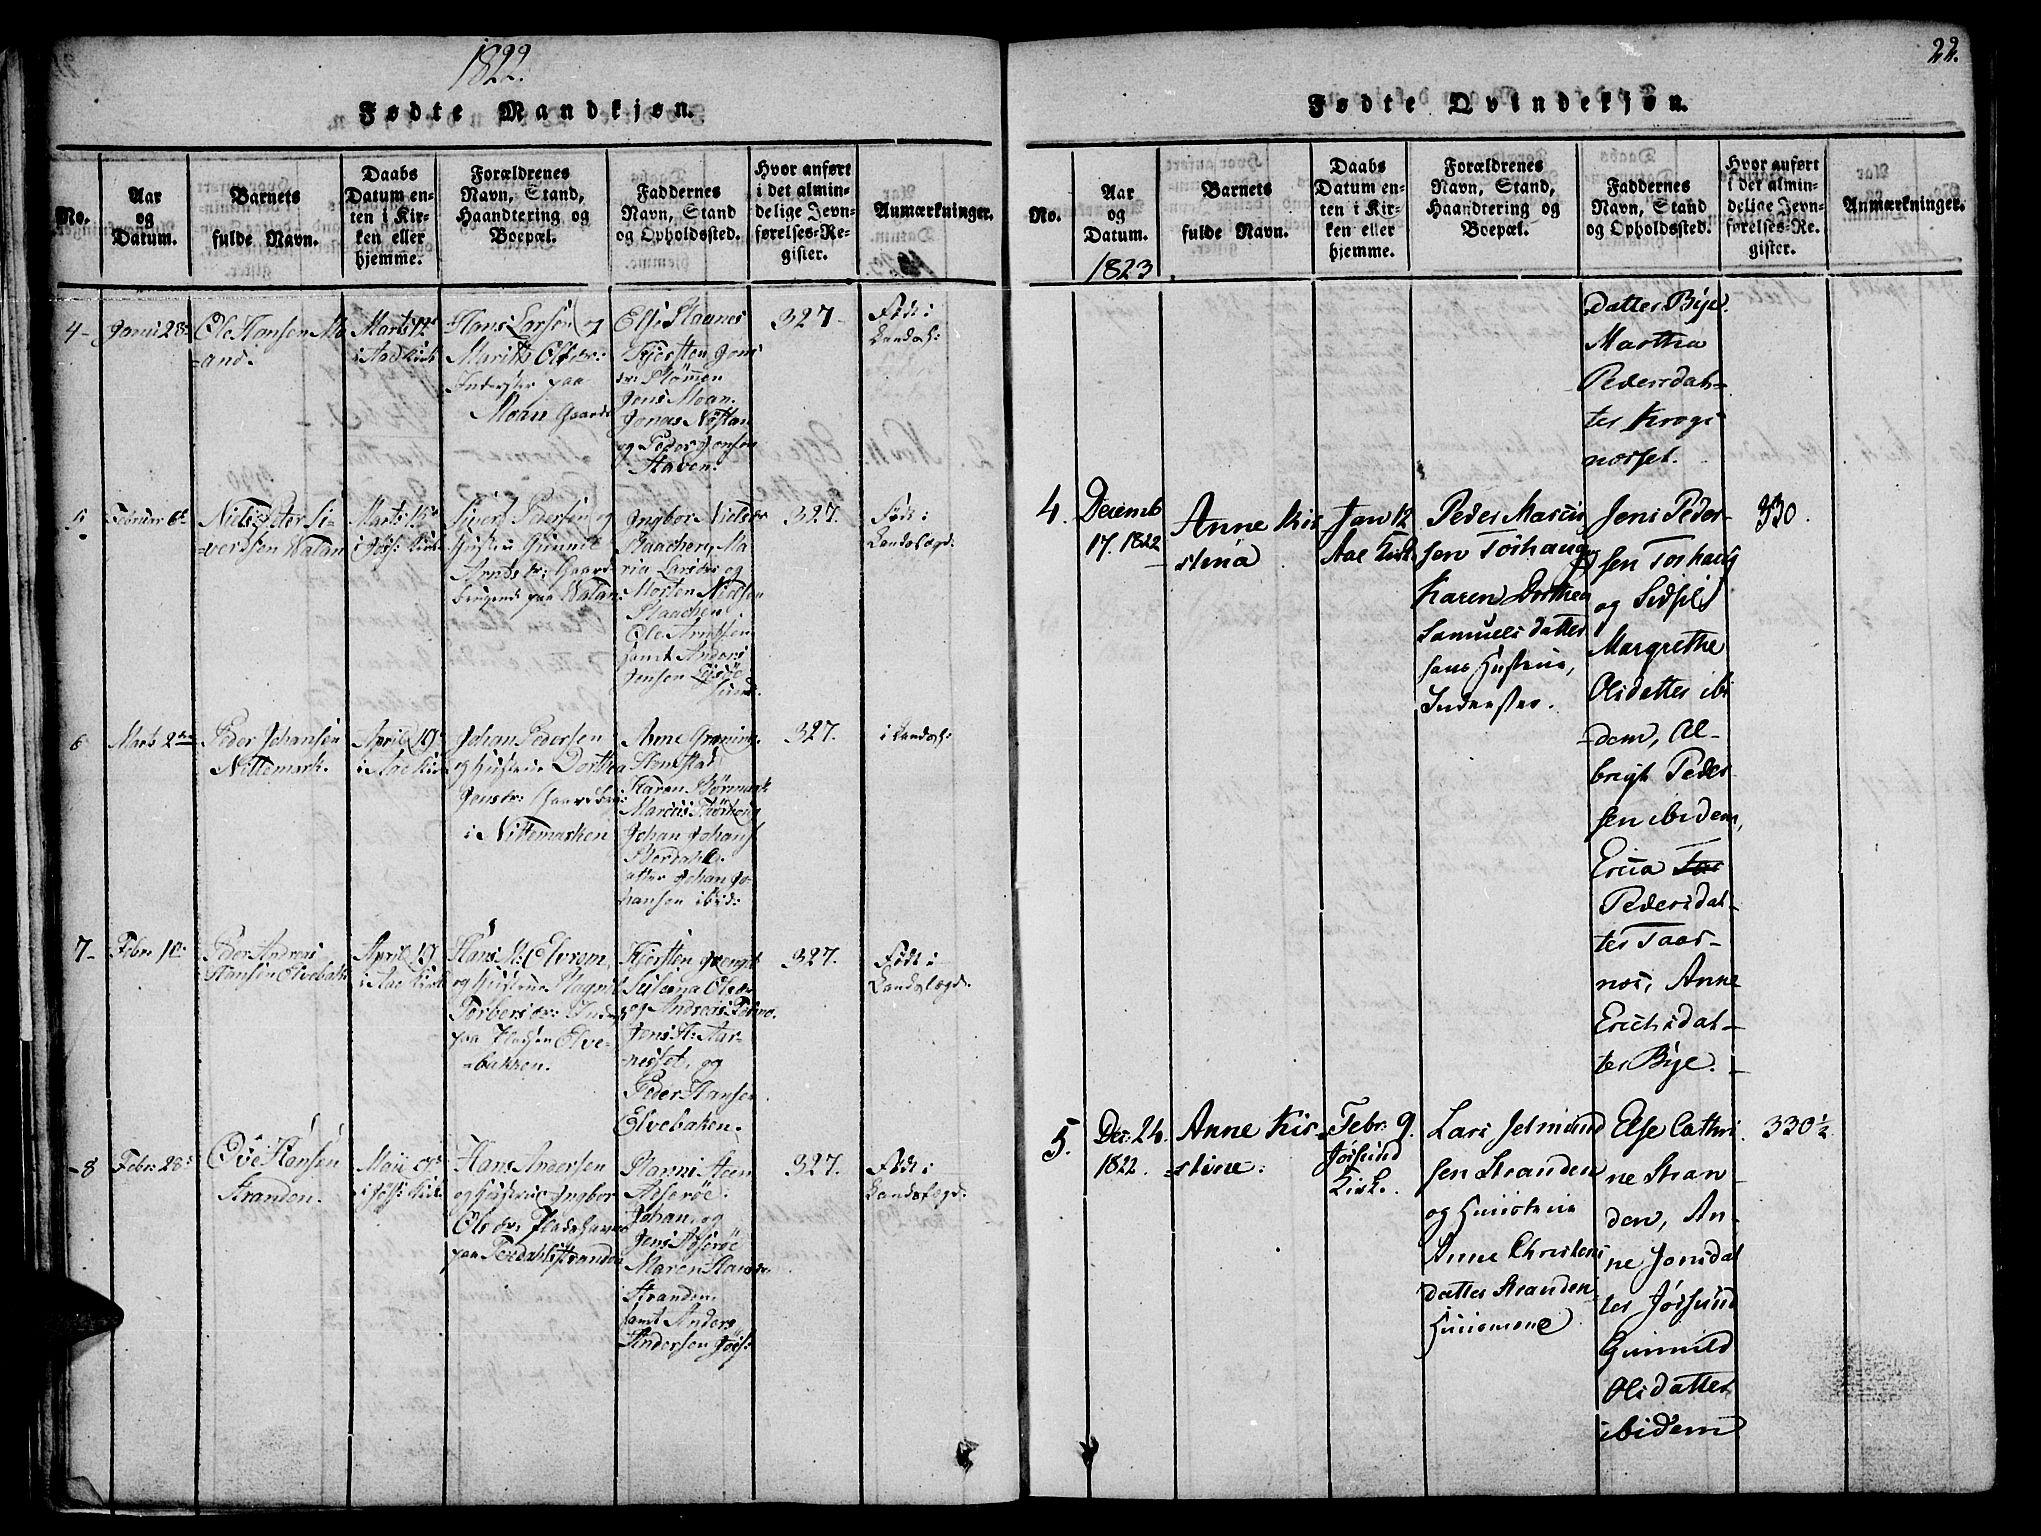 SAT, Ministerialprotokoller, klokkerbøker og fødselsregistre - Sør-Trøndelag, 655/L0675: Ministerialbok nr. 655A04, 1818-1830, s. 22